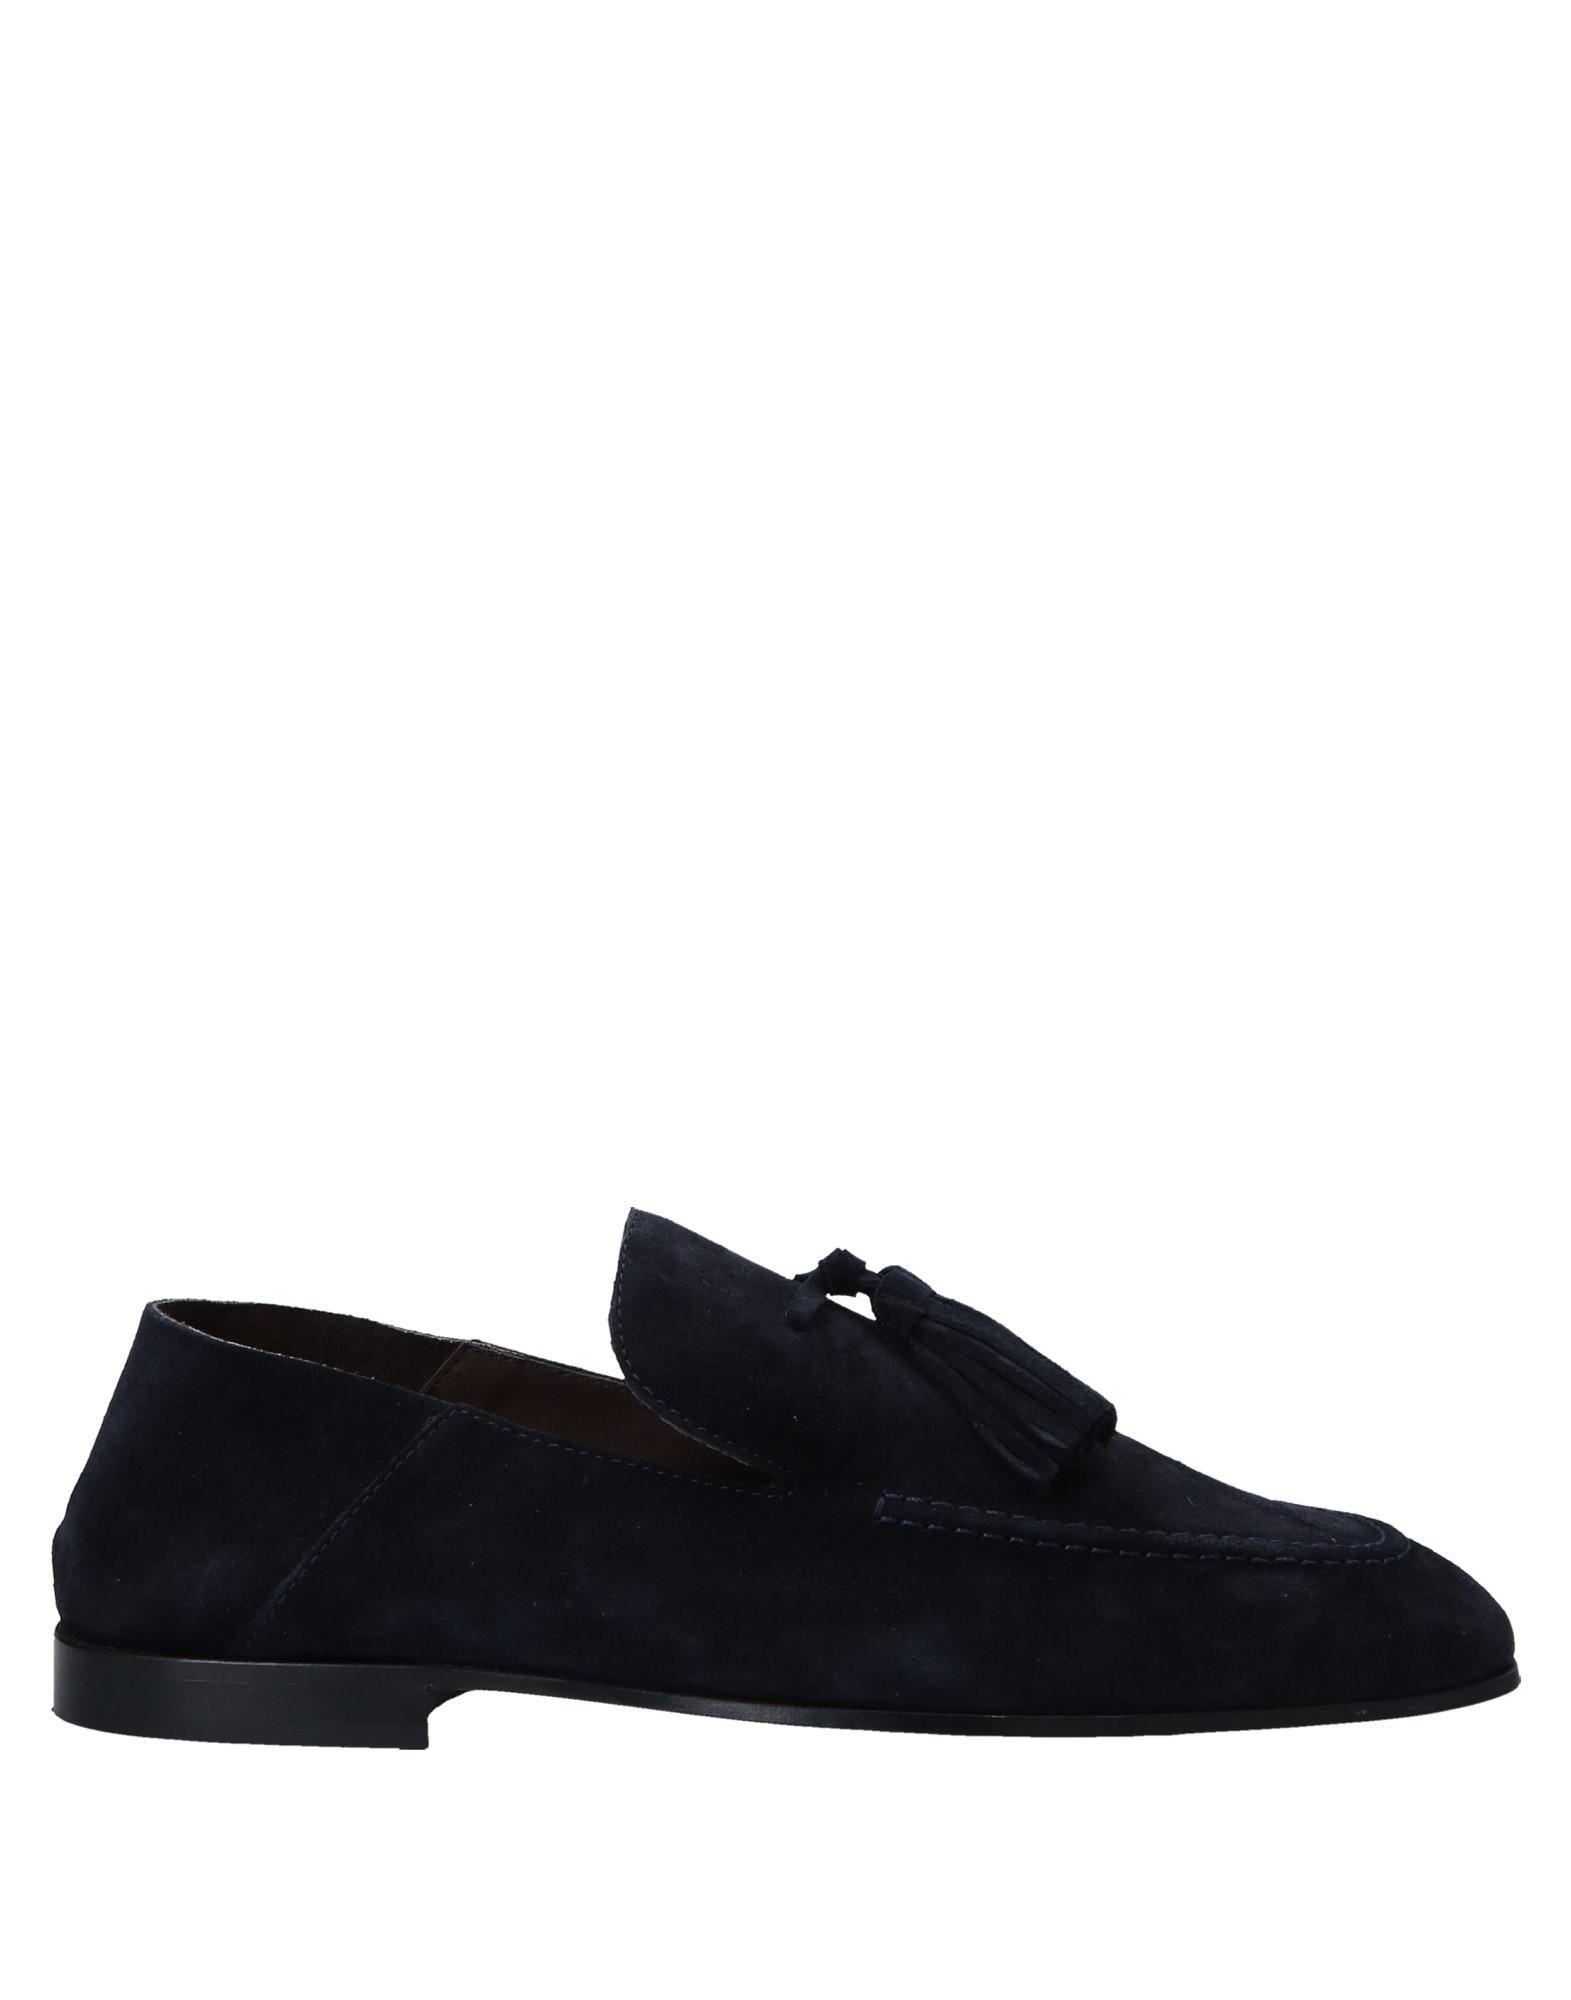 Rabatt echte Schuhe 11549797BK Boemos Mokassins Herren  11549797BK Schuhe 8753d7